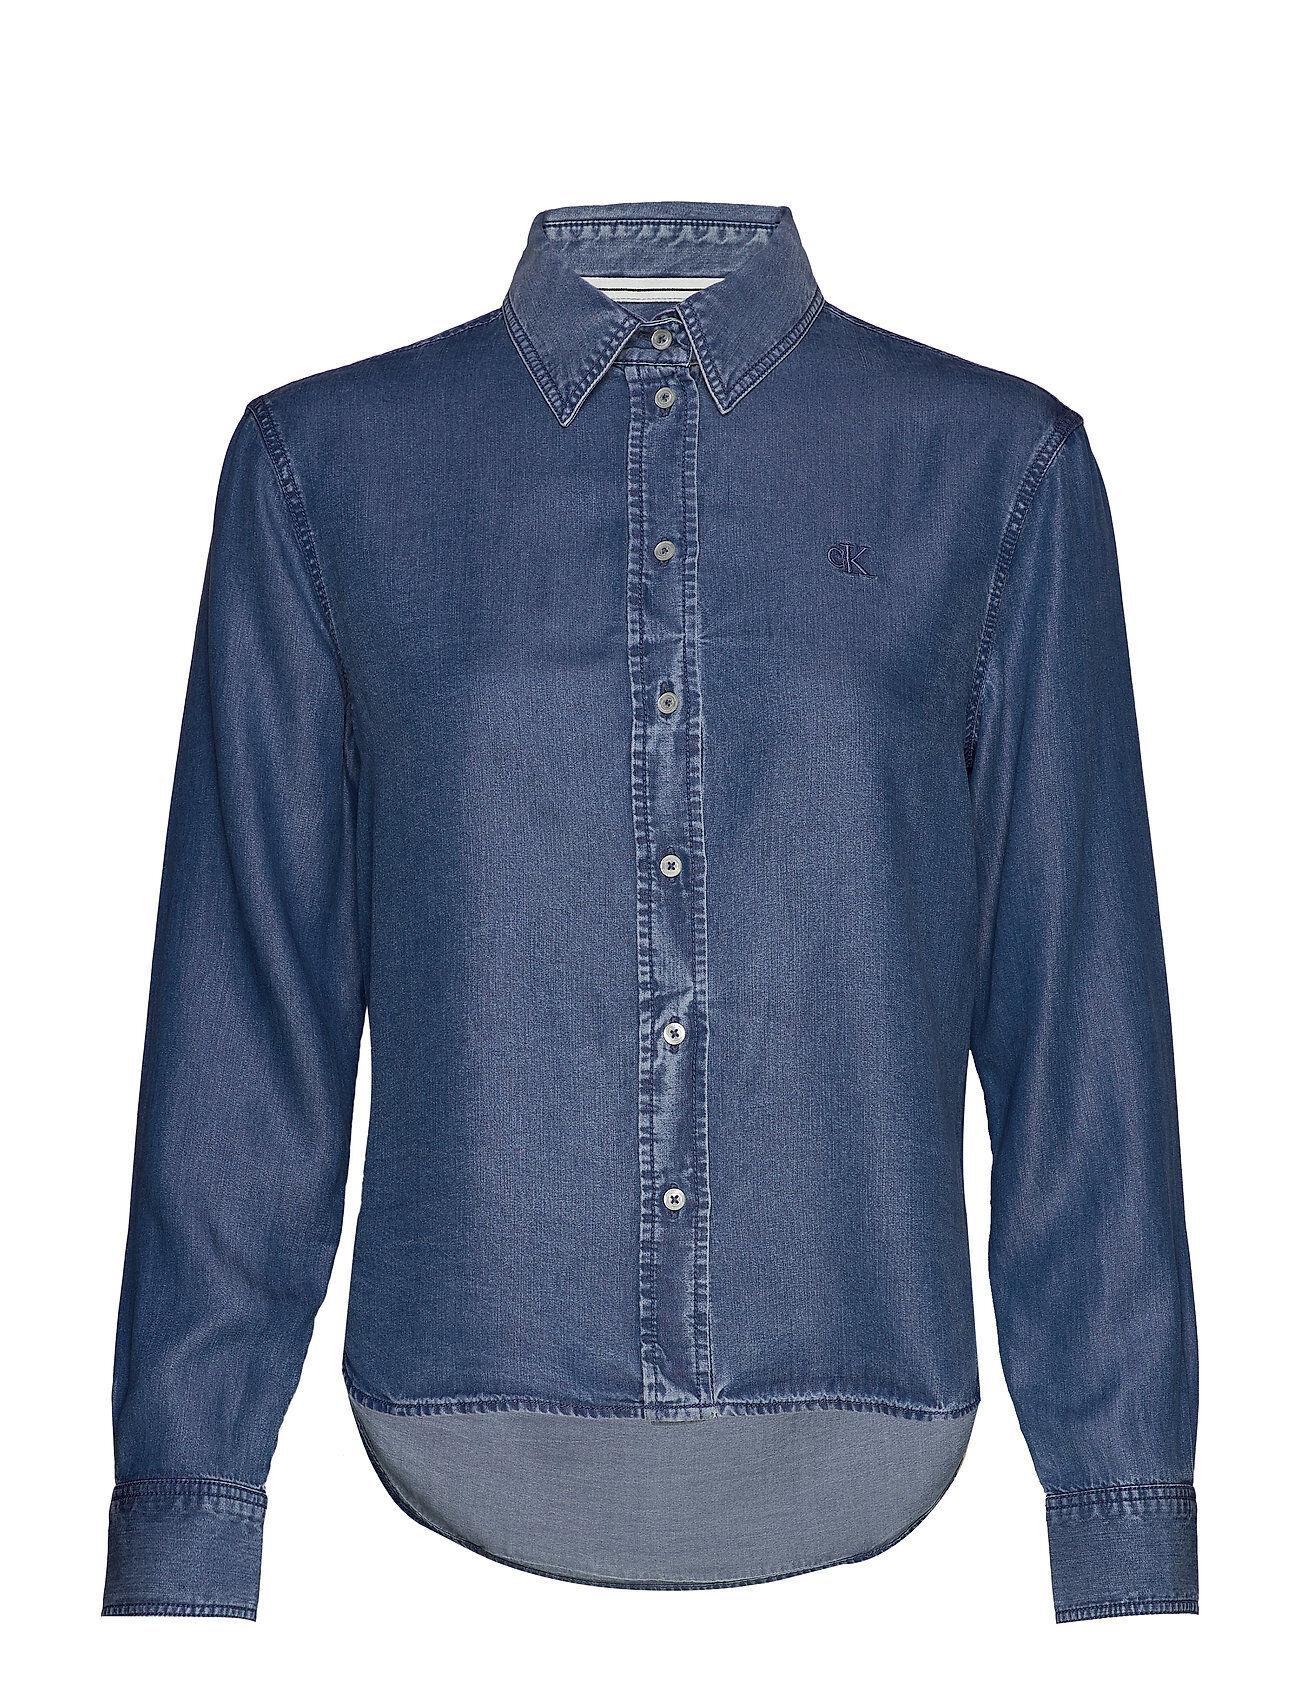 Image of Calvin Indigo Tencel Shirt Pitkähihainen Paita Sininen Calvin Klein Jeans